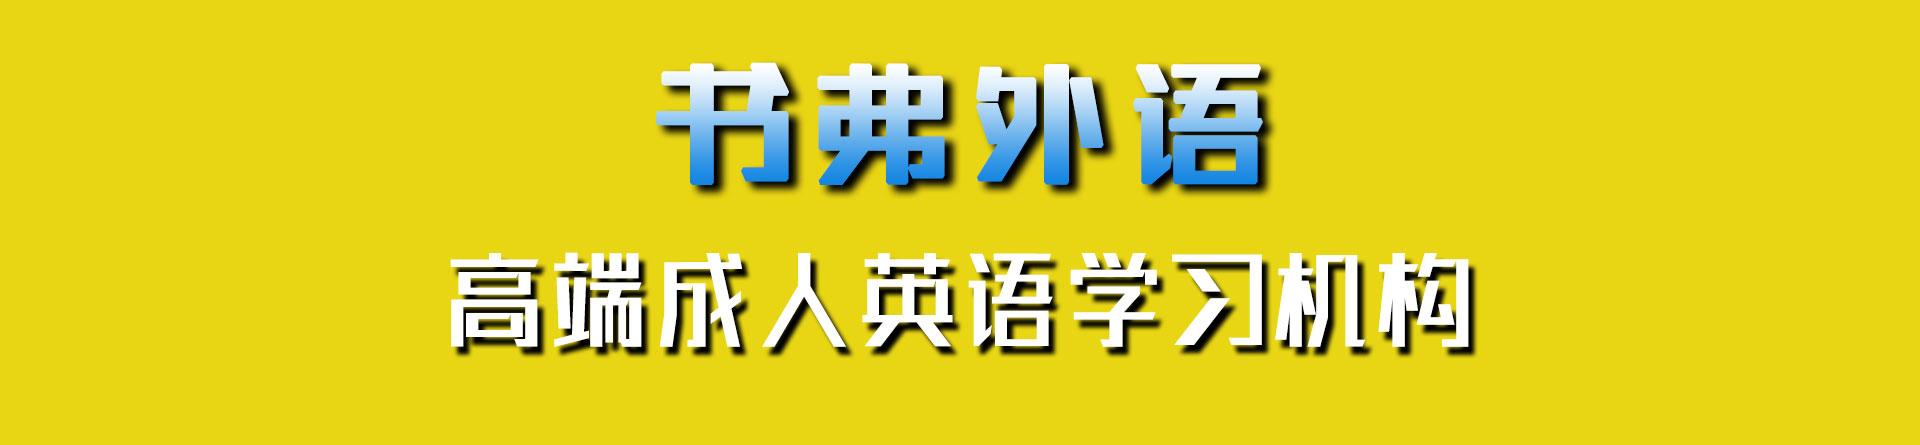 河南书弗外语